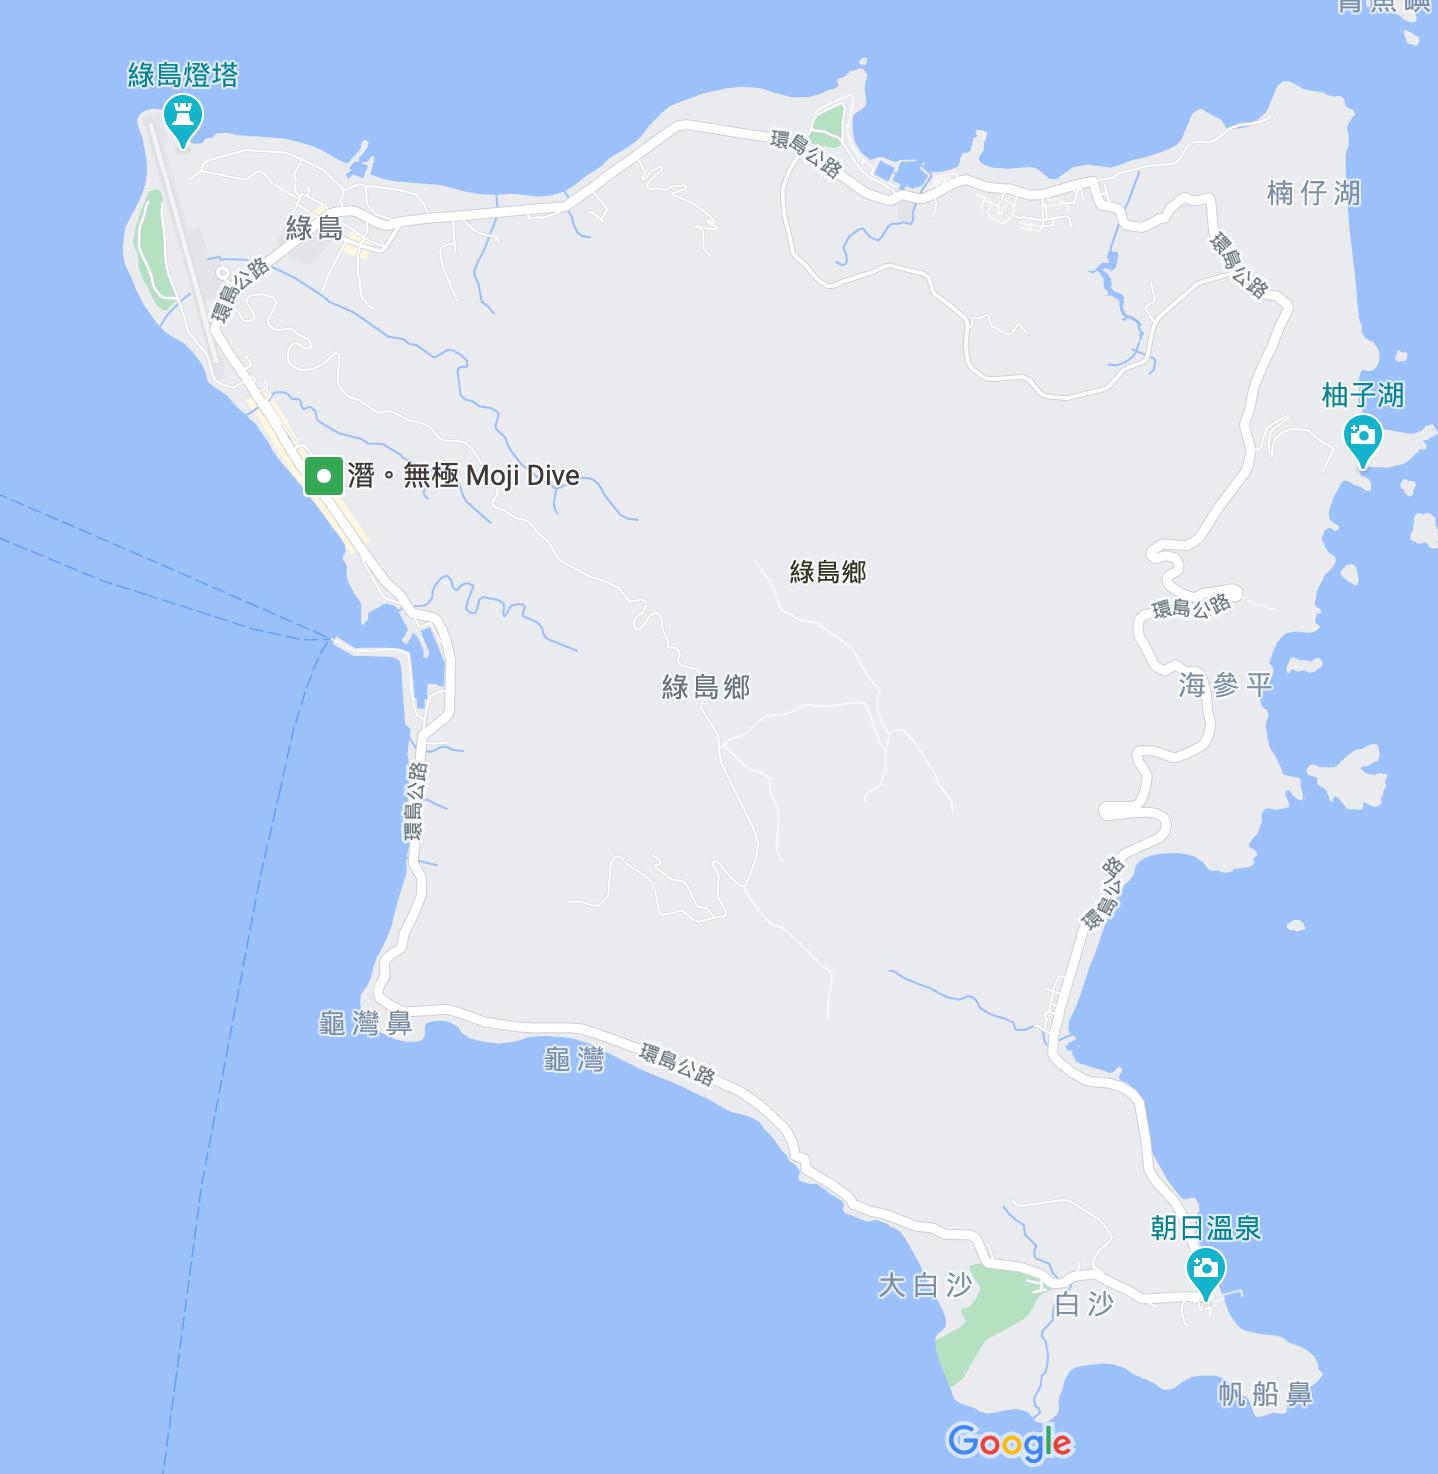 綠島自由行攻略|三天兩夜行程分享、交通、行程、美食、景點、住宿推薦等